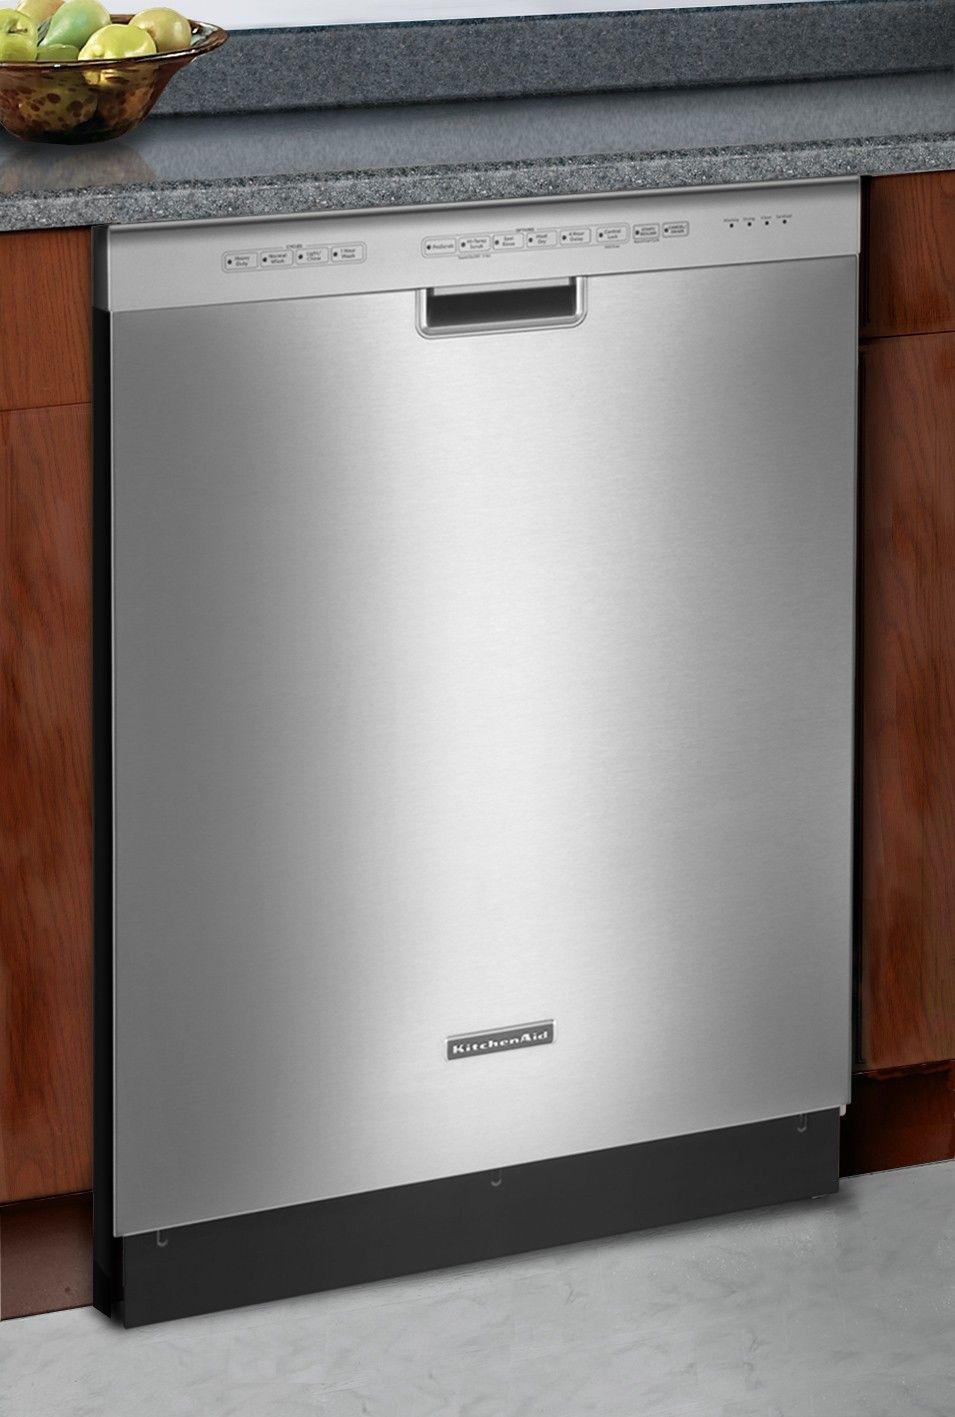 Kitchenaid Dishwasher Kuds30ixss